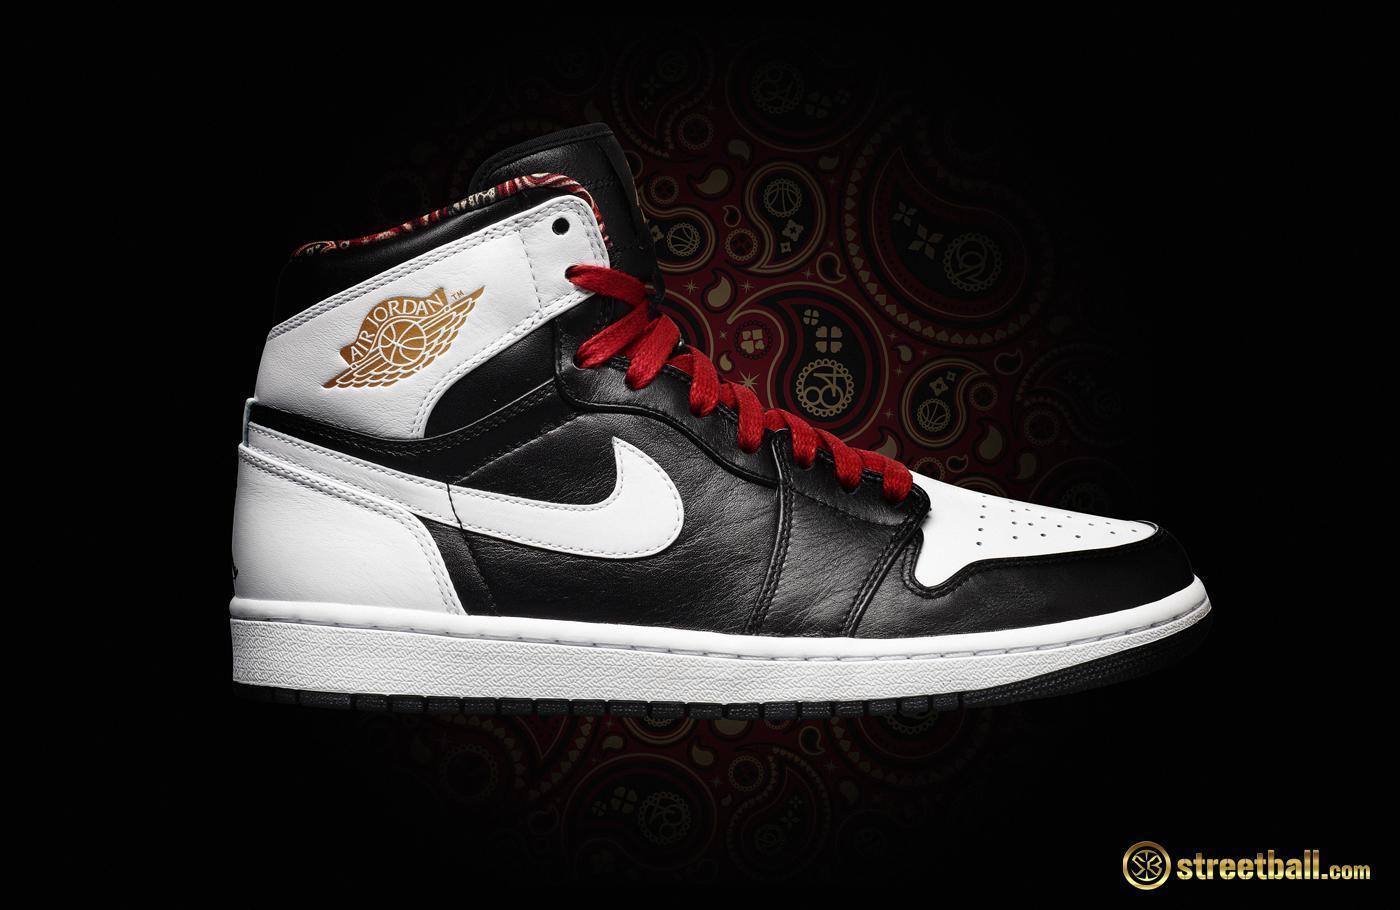 pics photos shoes basketball air jordan 1920x1080